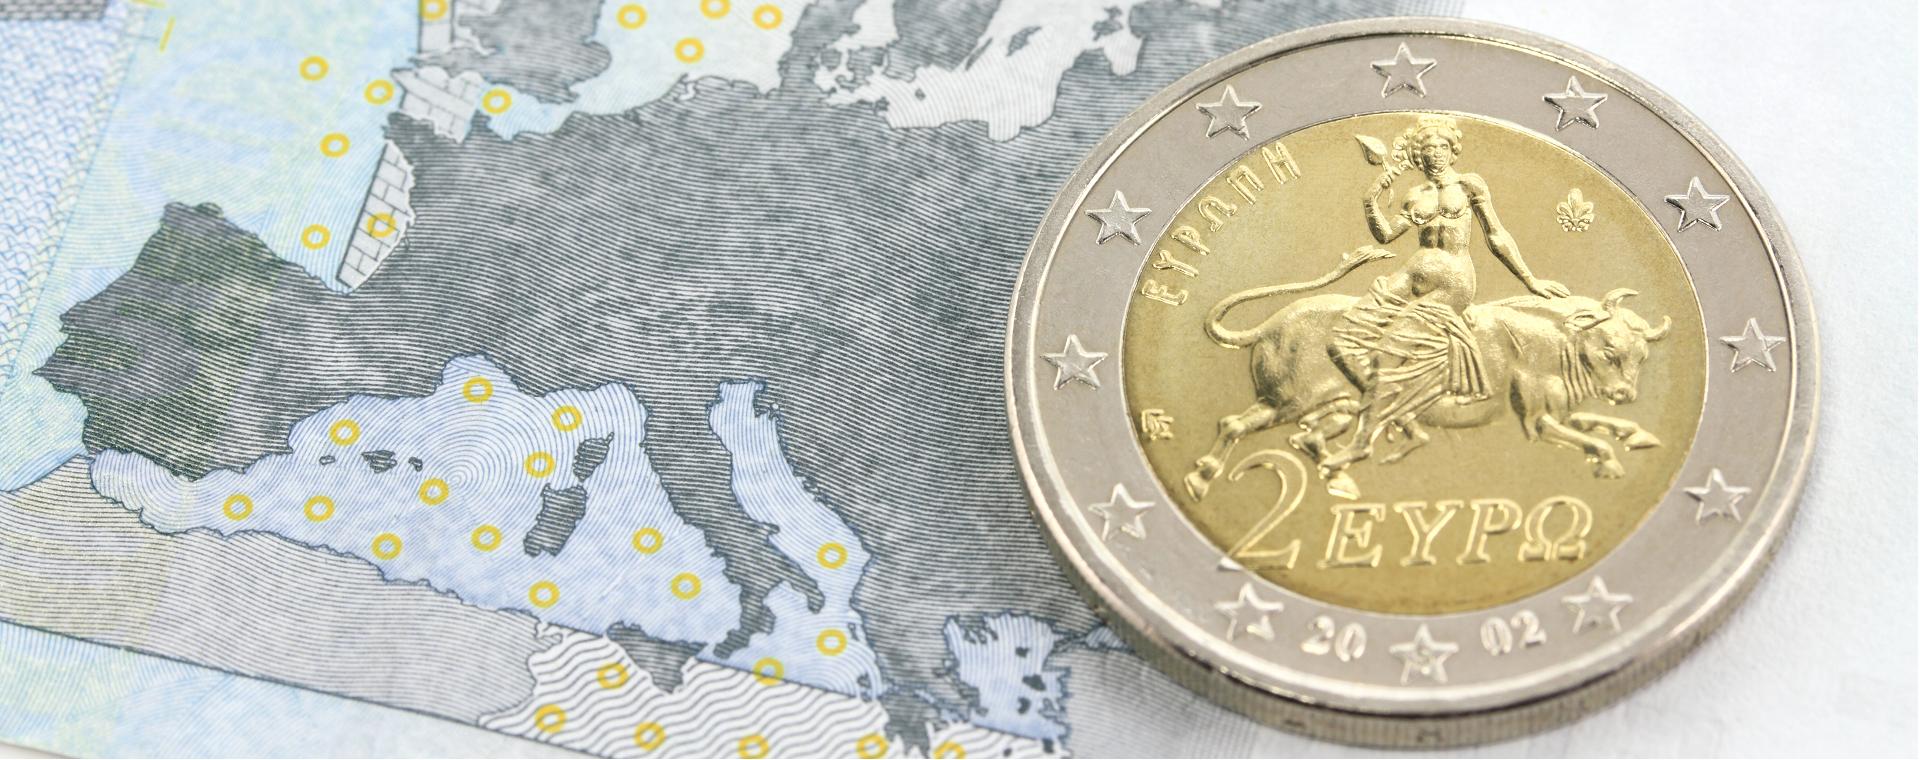 Come varia la dimensione degli addetti tra aziende che beneficiano di finanziamenti regionali vs europei?